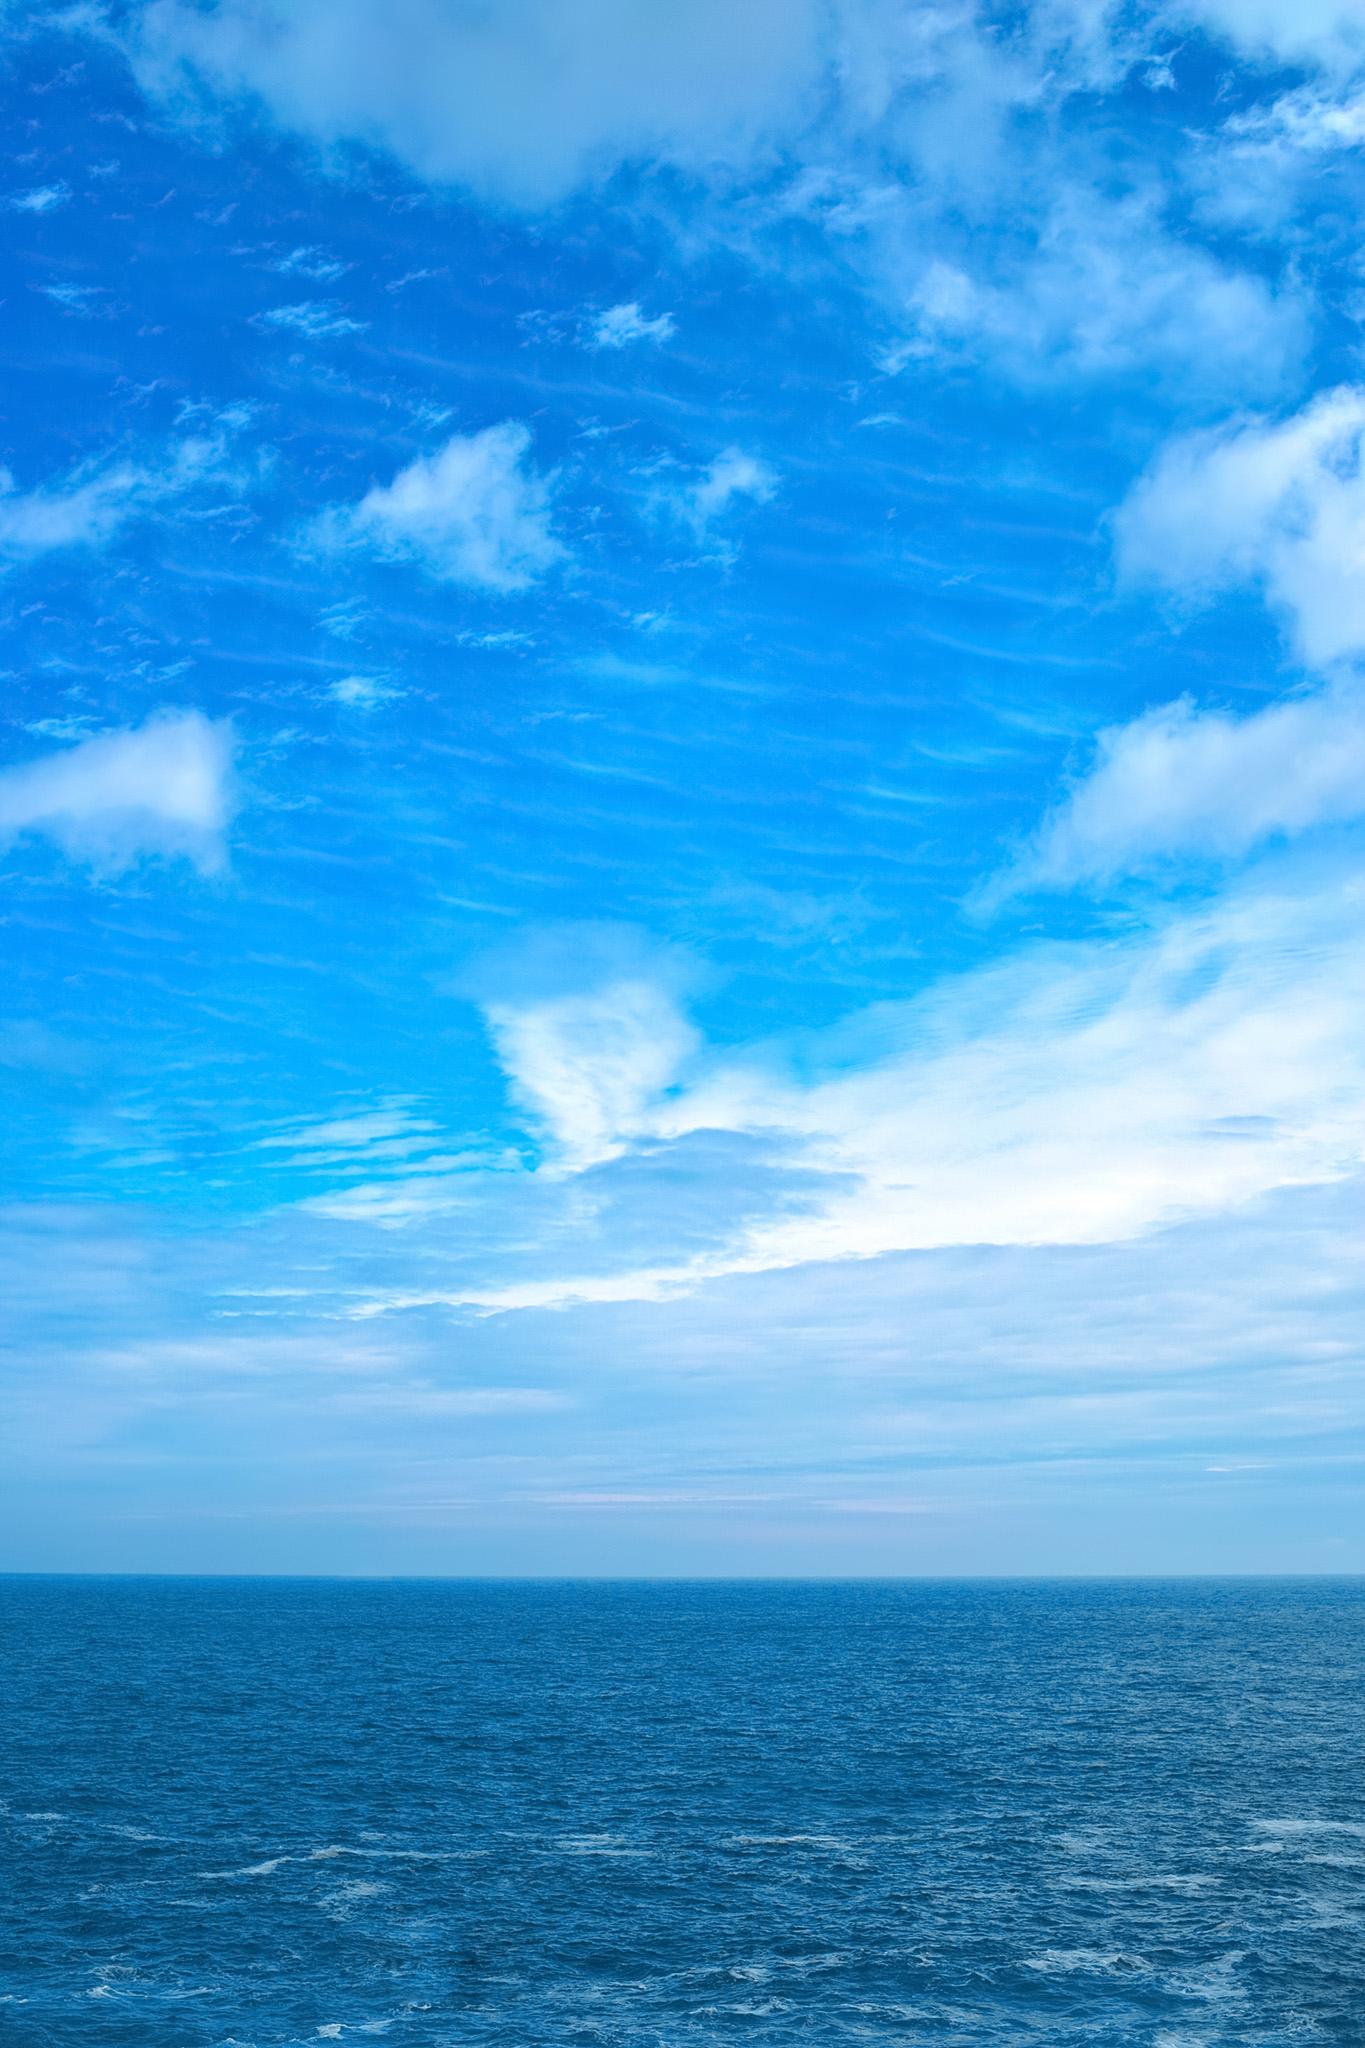 「夏空と小波立つ海」